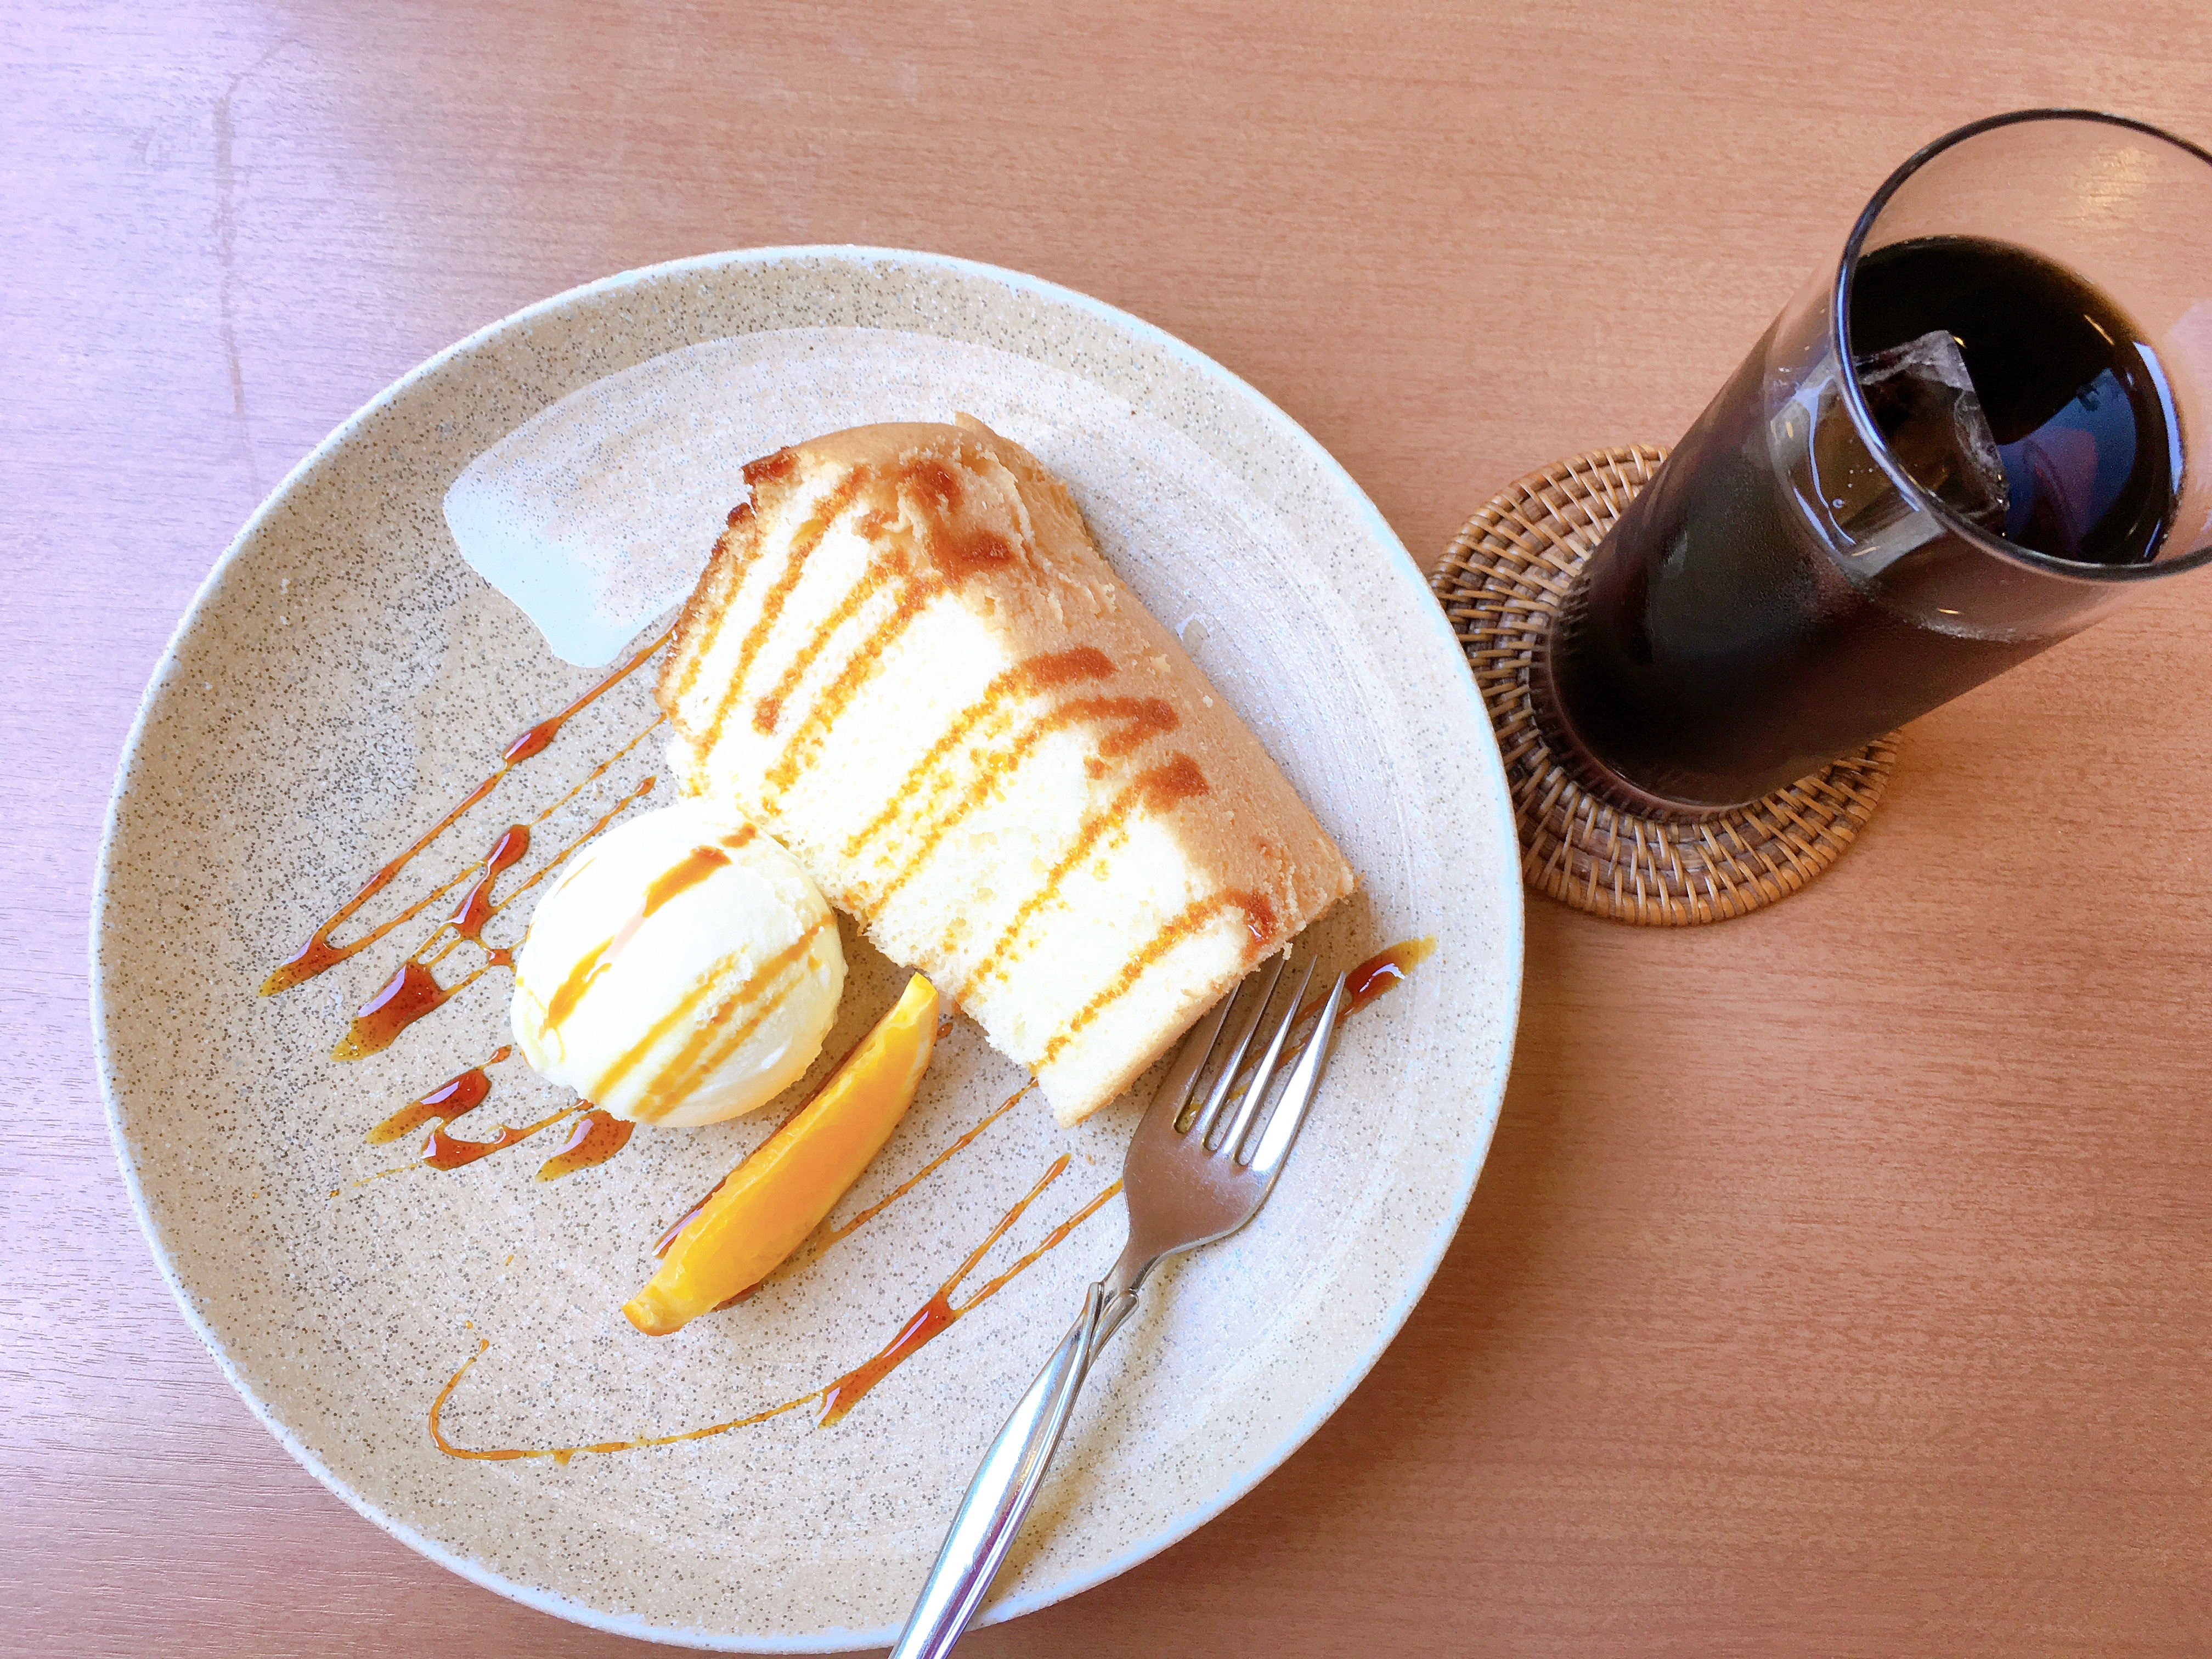 八幡浜港から歩いて行ける!落ち着いた隠れ家的カフェ「YaなGi」に行ってきました!